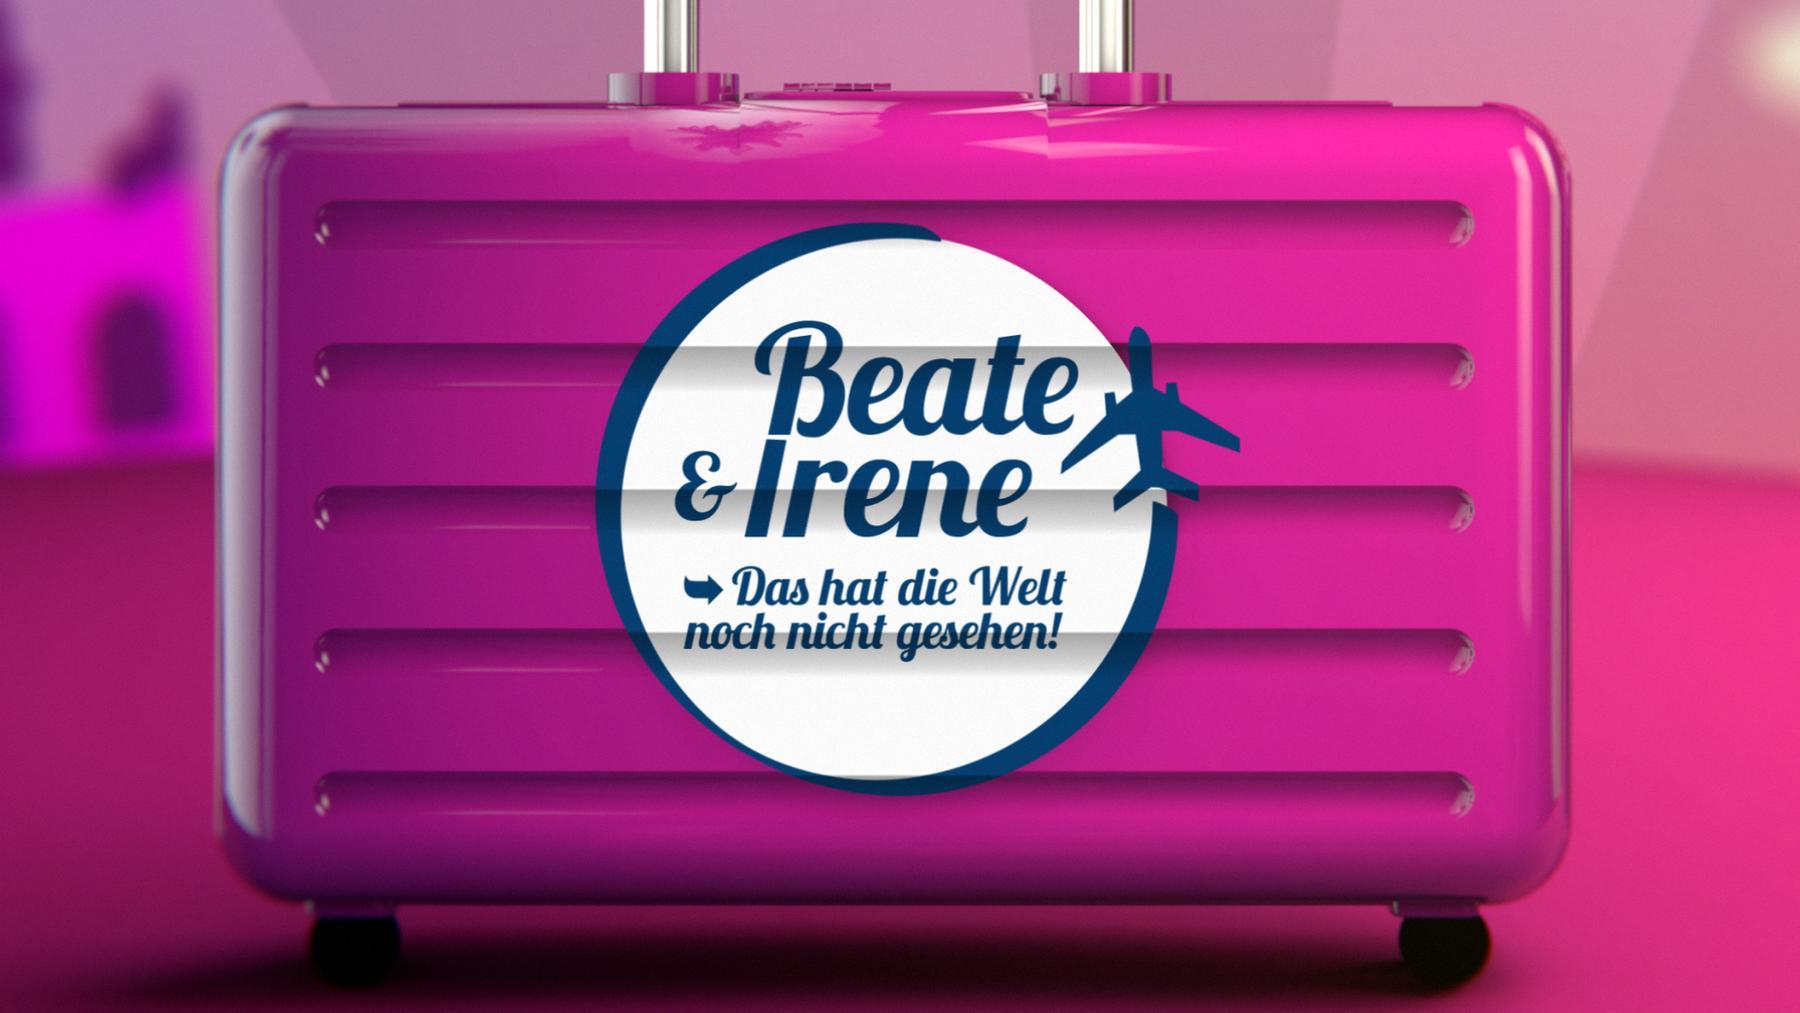 Beate & Irene - Das hat die Welt noch nicht gesehn